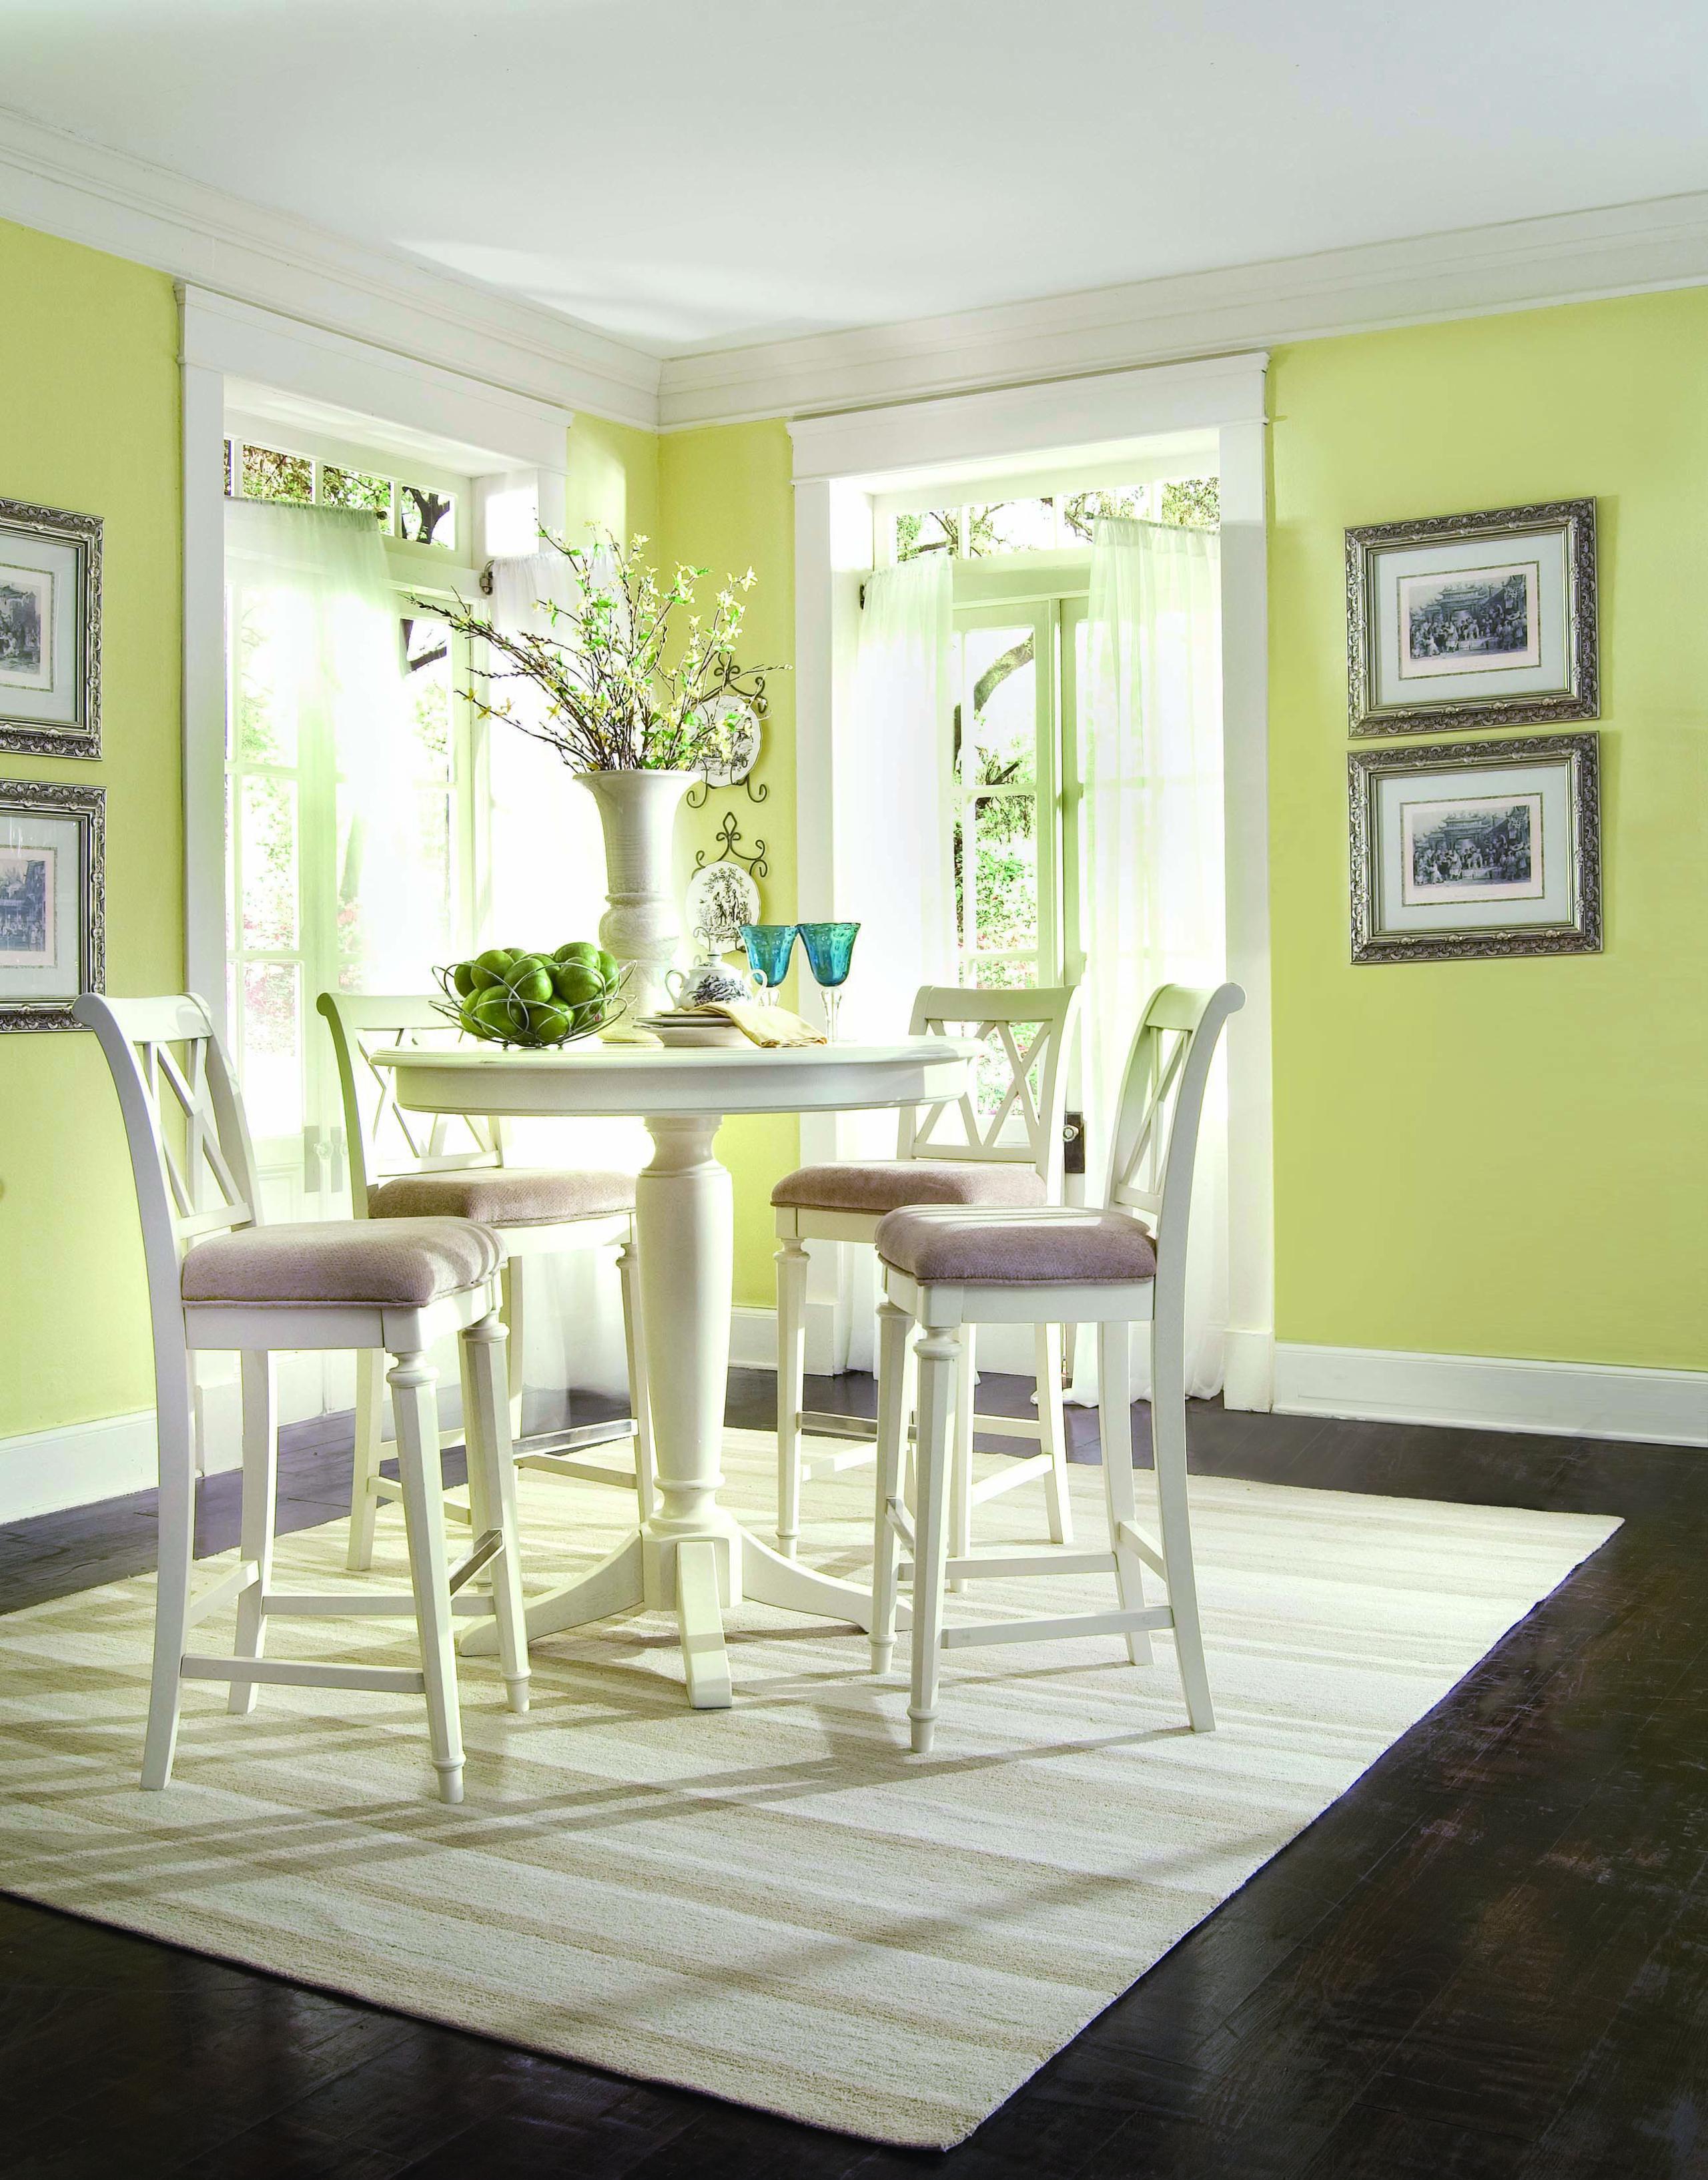 Indoor bar set 1 & White Pub Table Sets - Foter